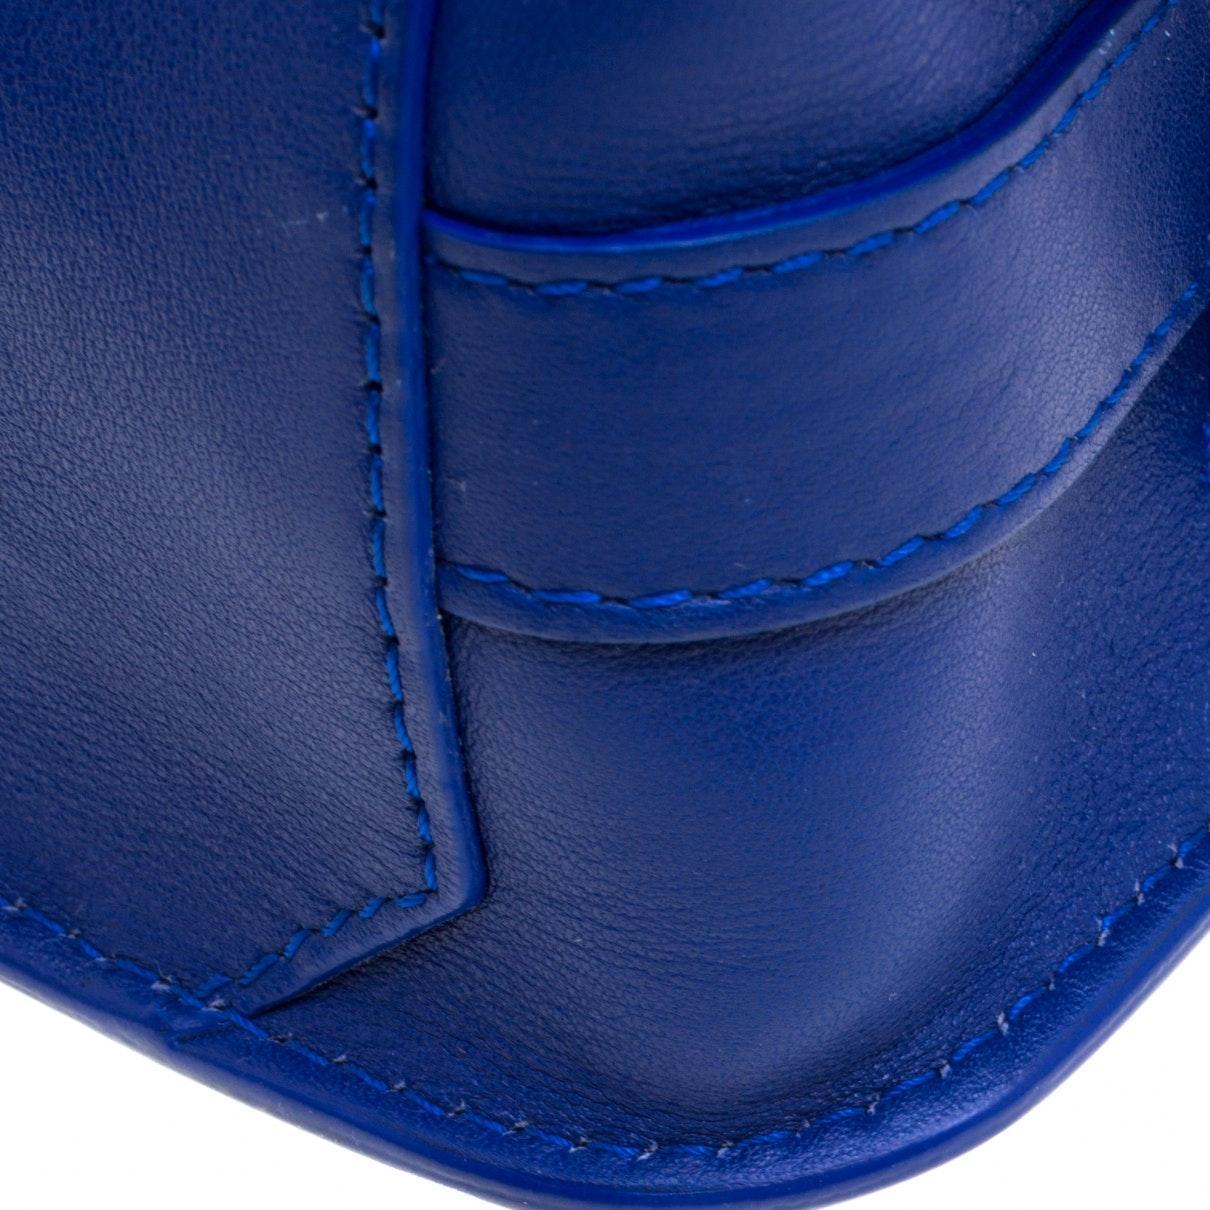 Sac à main PS11 en Cuir Bleu Cuir Proenza Schouler en coloris Bleu YY8h